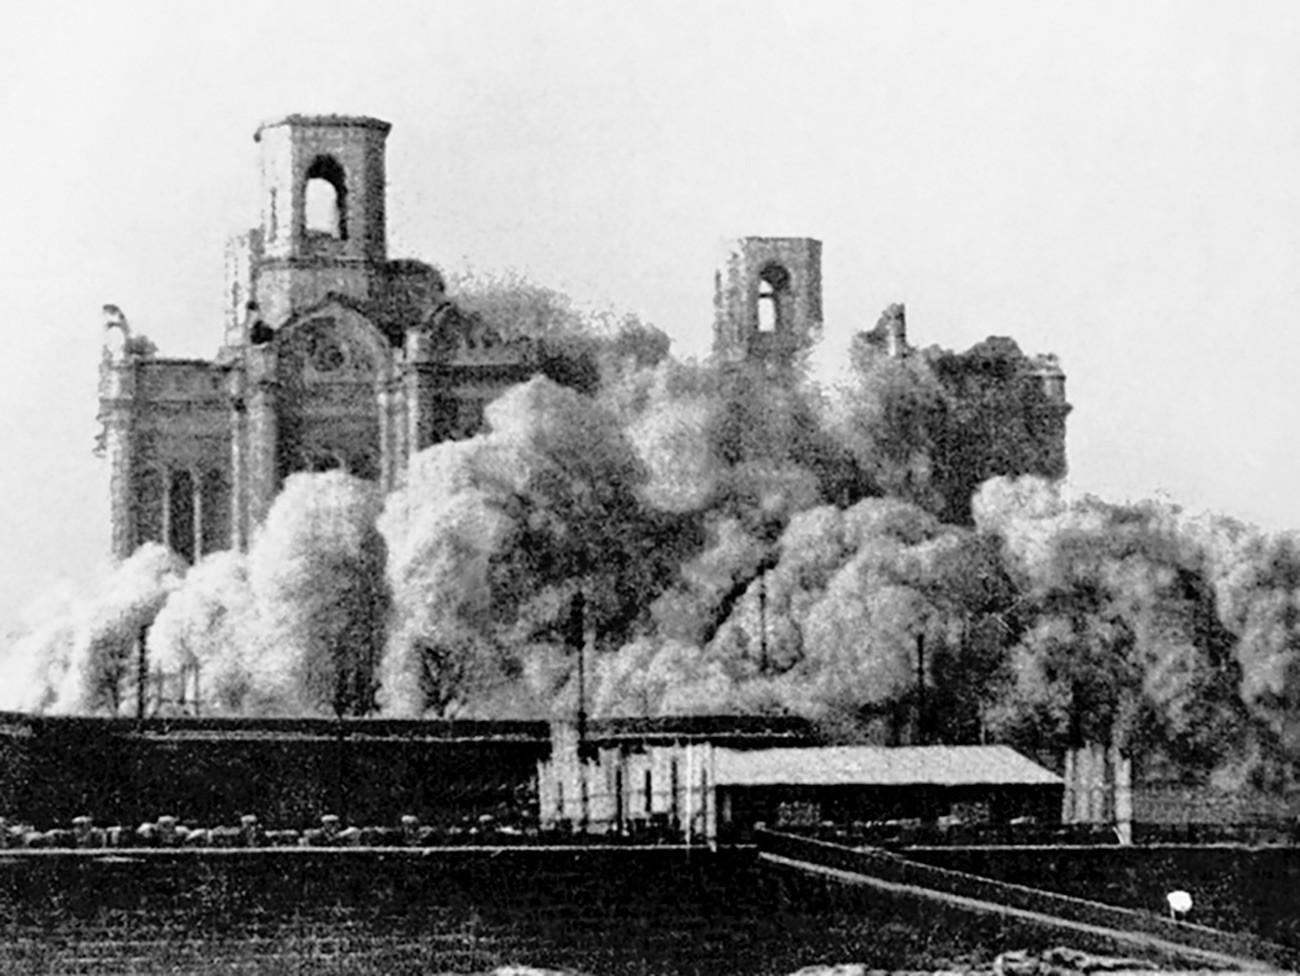 爆破される救世主ハリストス大聖堂、1931年、モスクワ